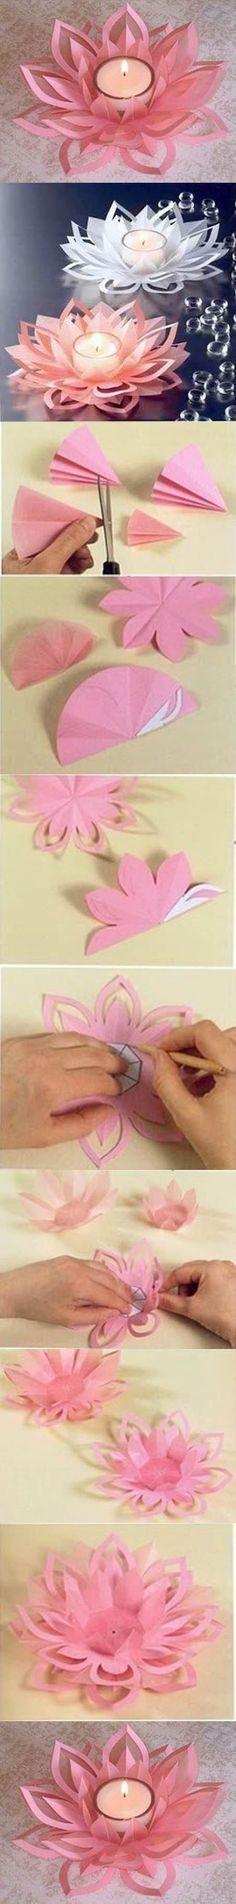 8 ideias de decoração com flores faça você mesmo